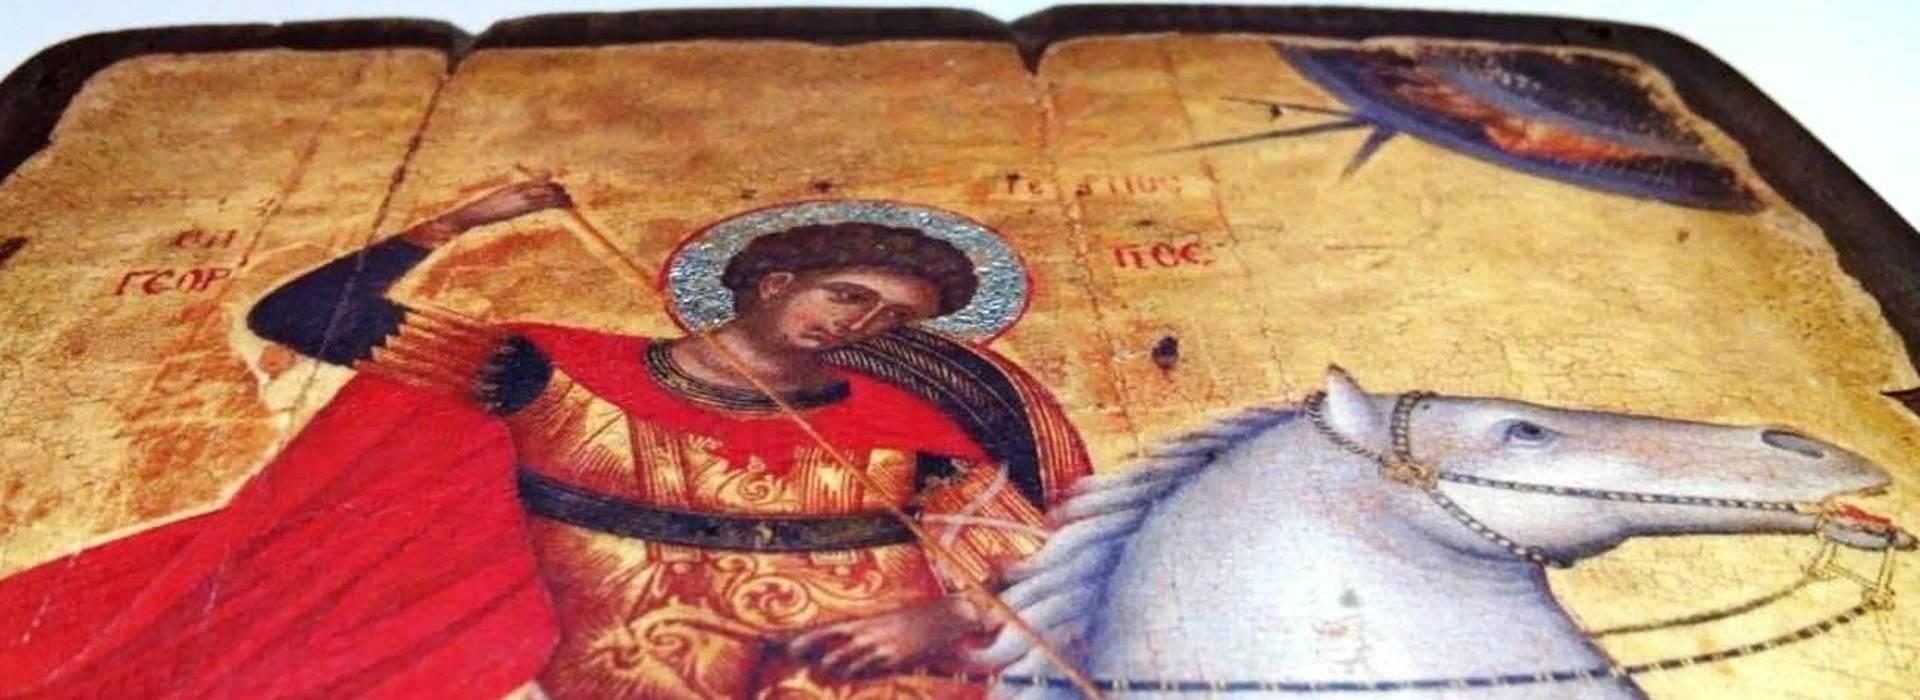 Святый великомучениче и Победоносче Георгие моли Бога о нас.